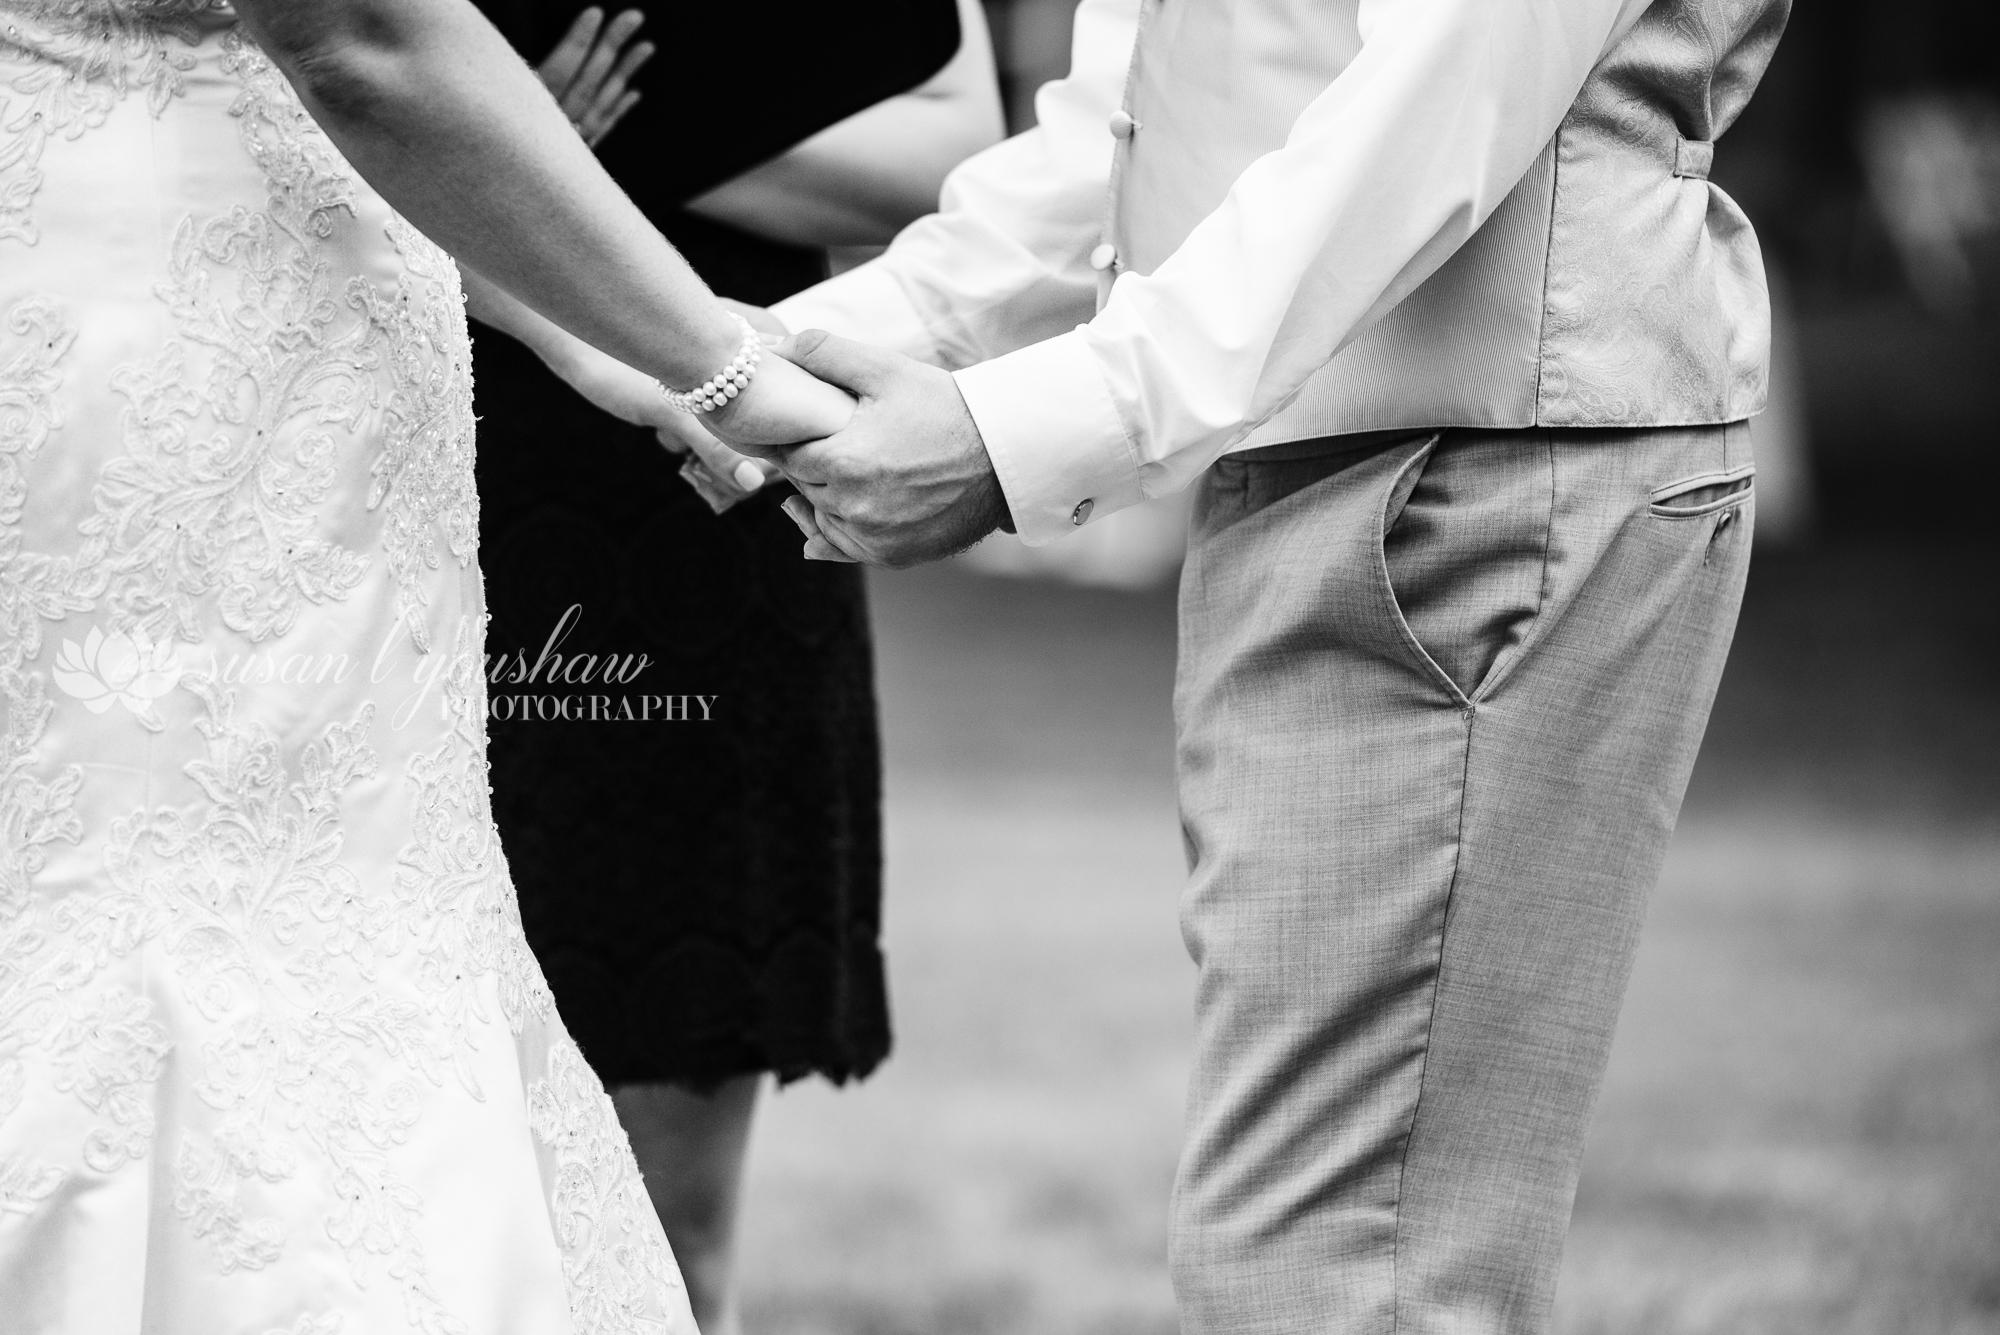 Erin and Jason Wedding Photos 07-06-2019 SLY Photography-96.jpg